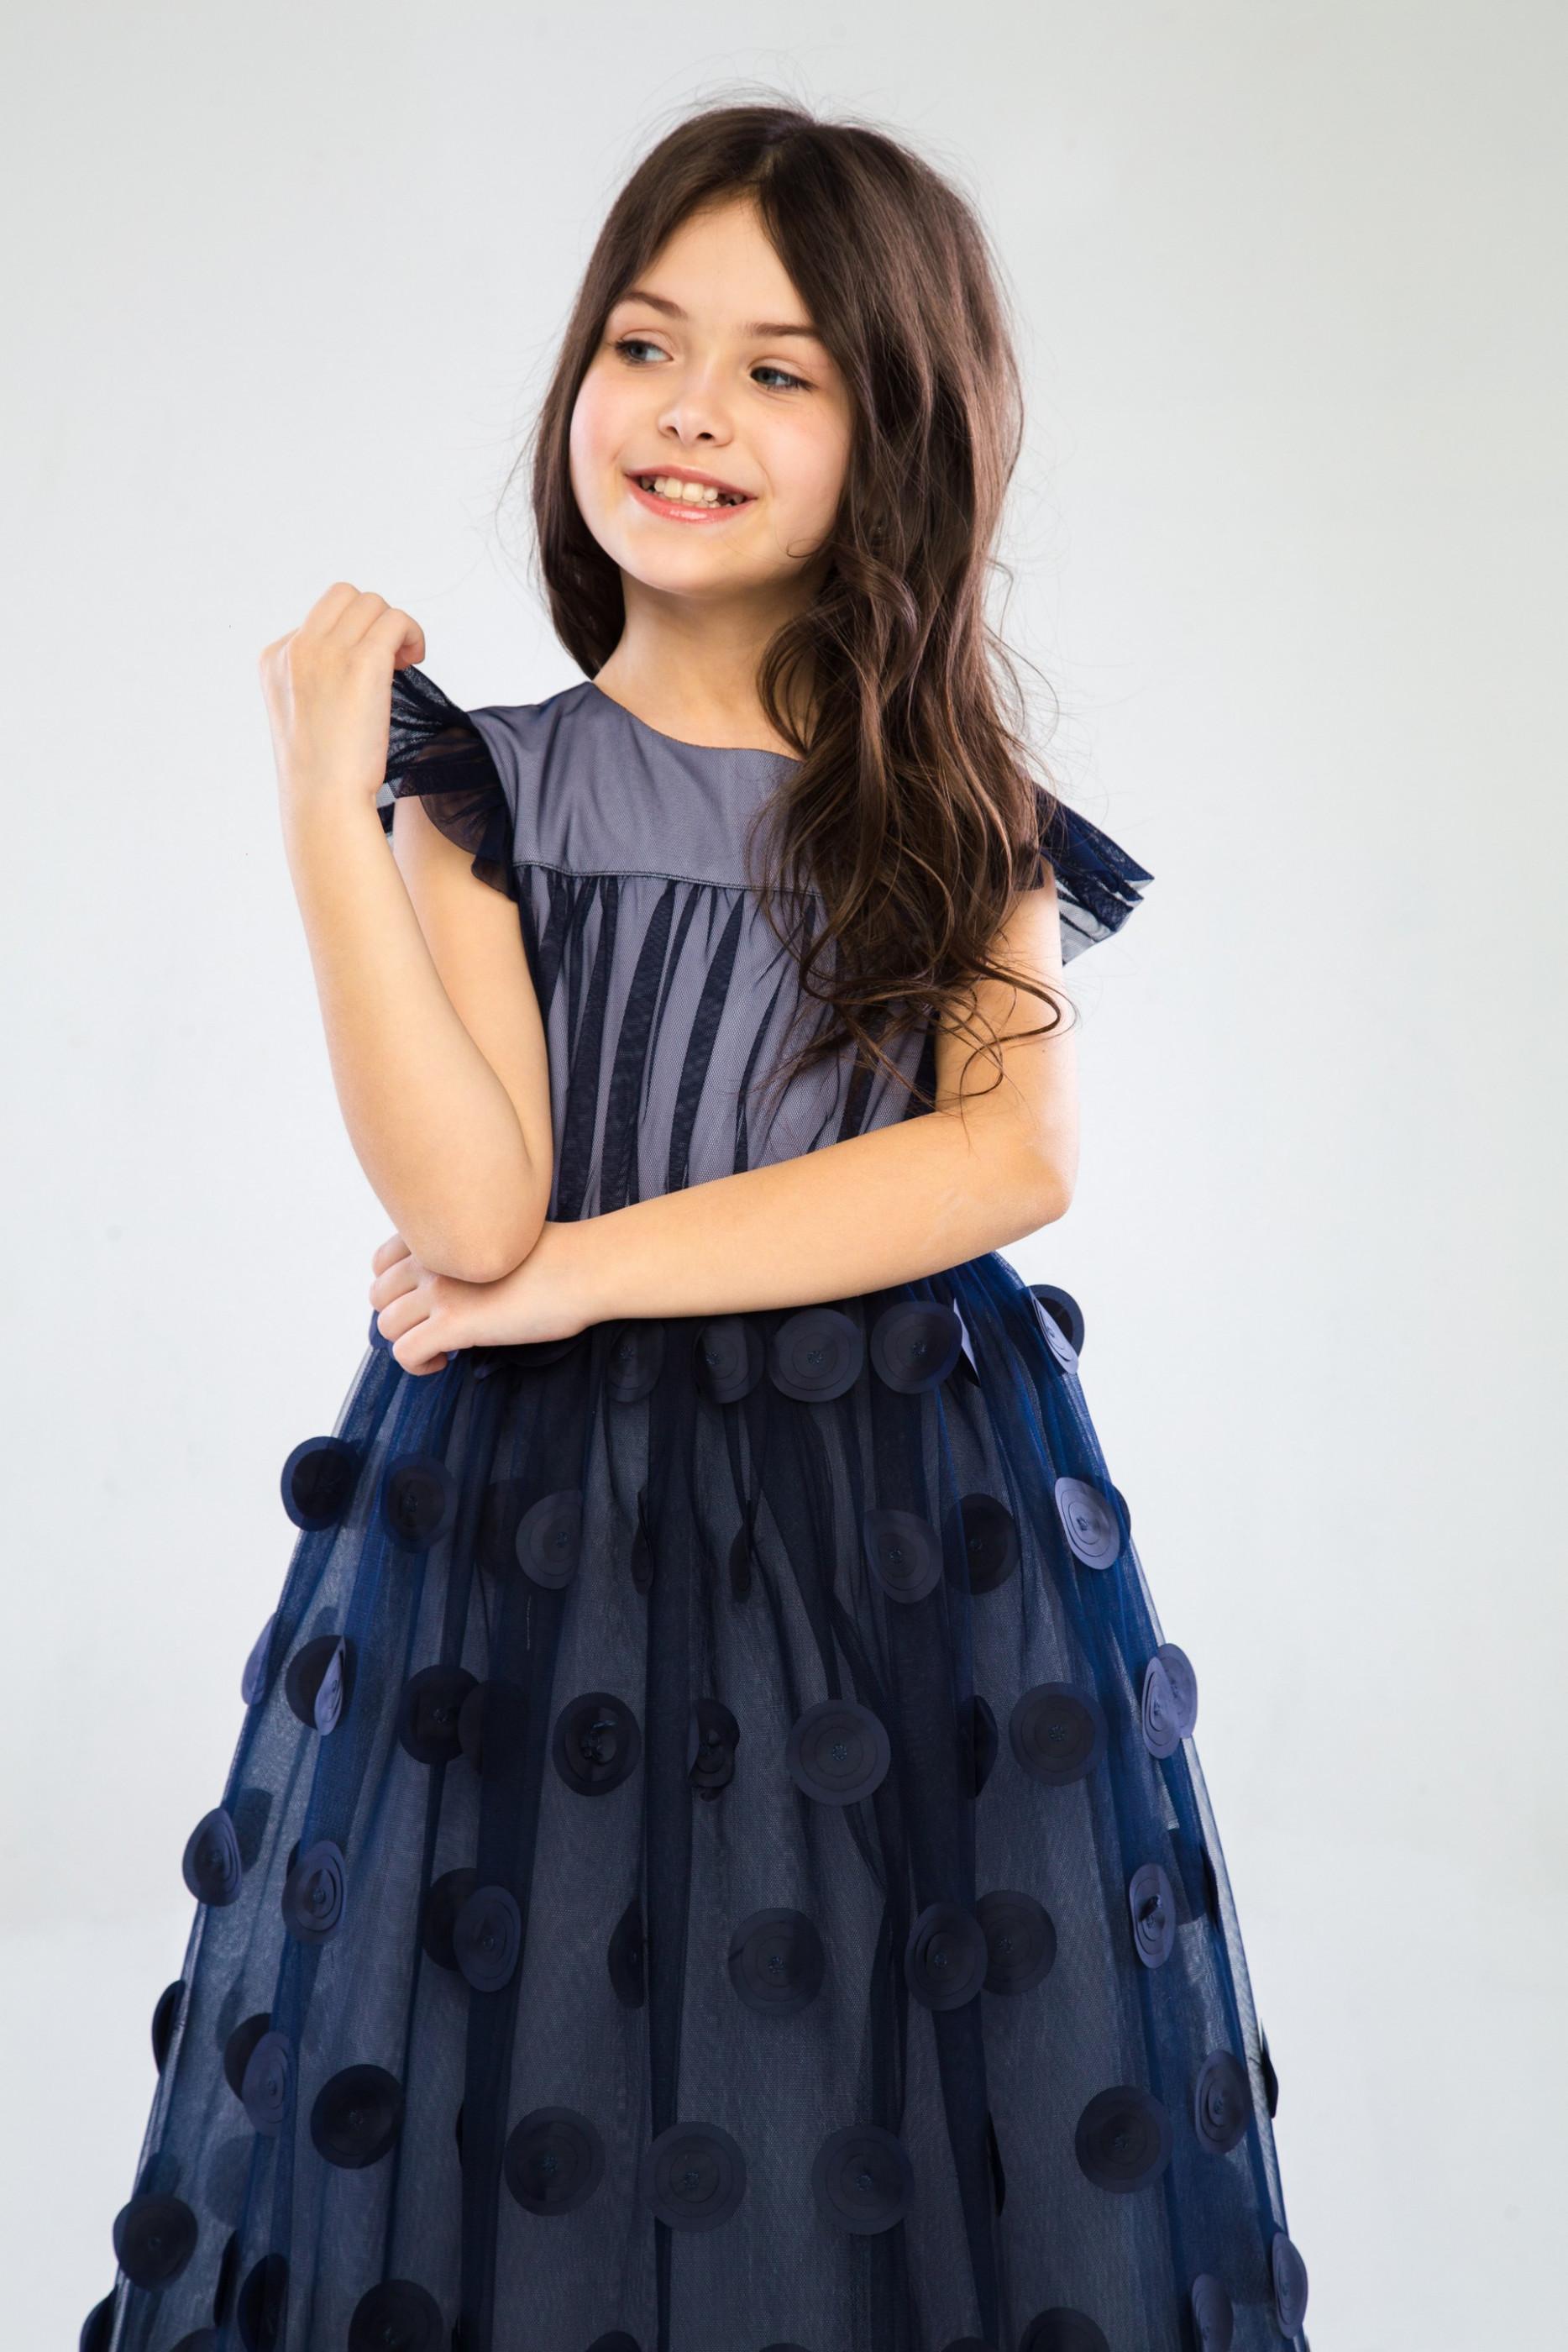 Плаття Розалі, фото №5